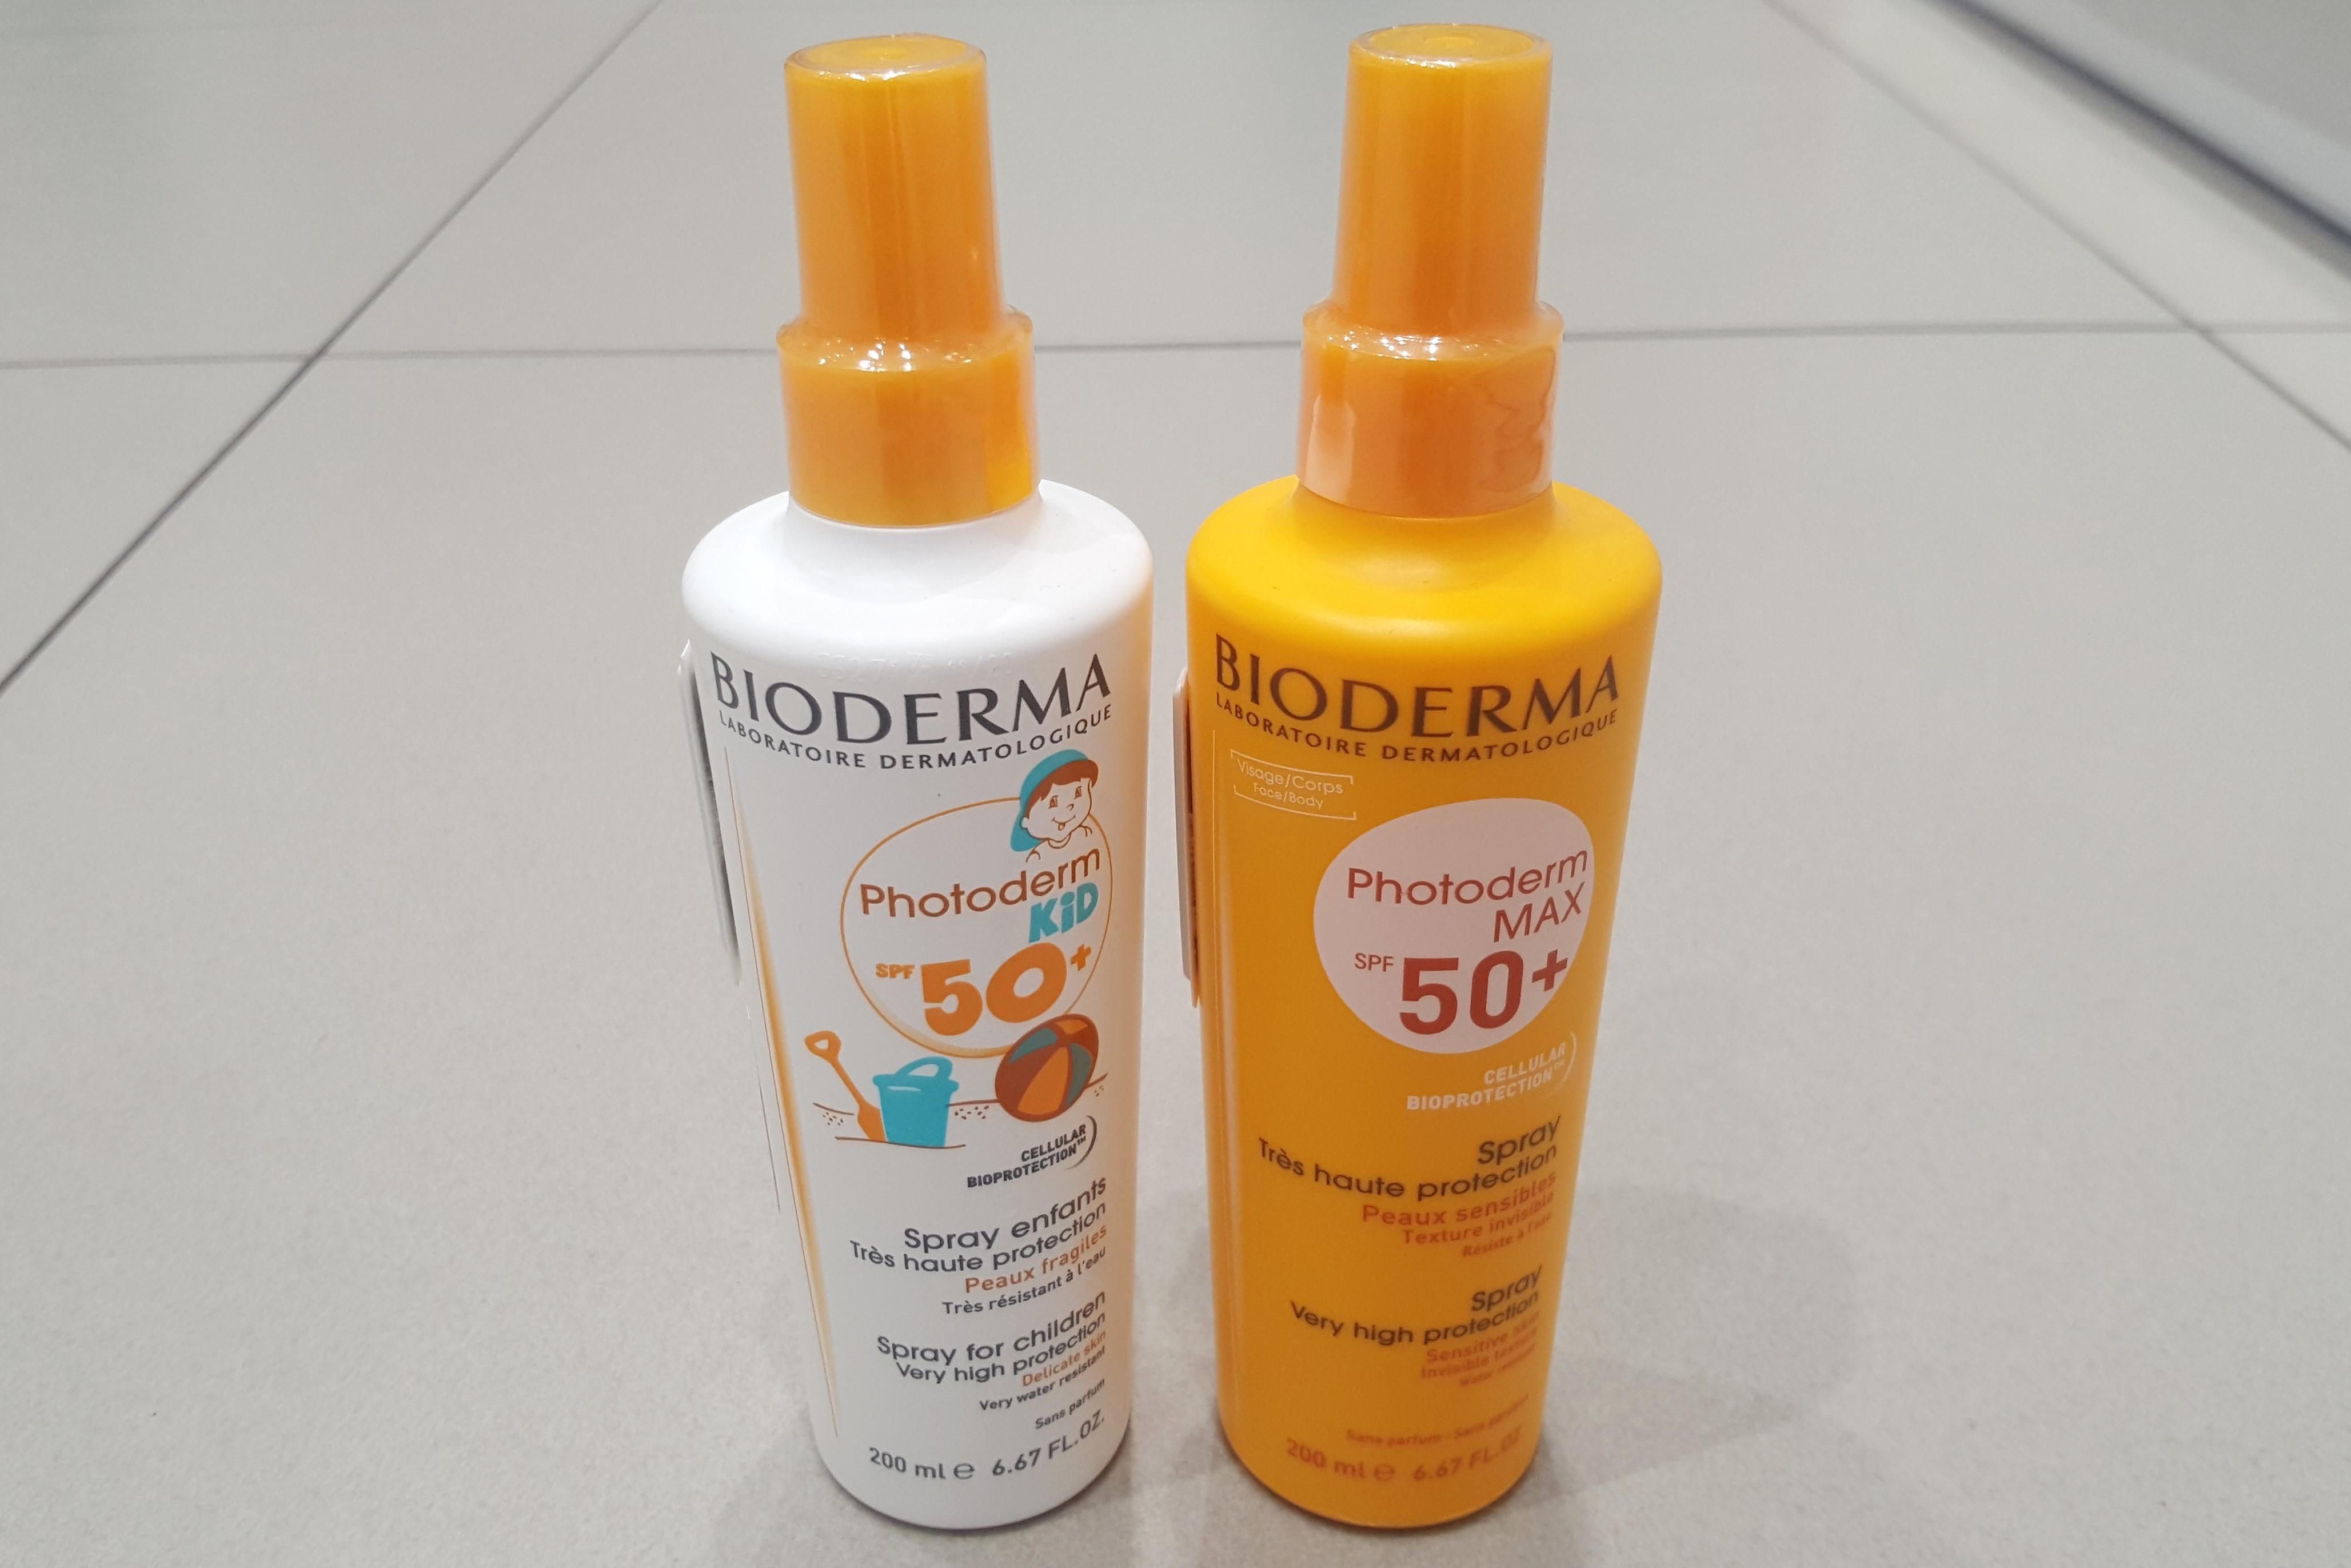 Bioderma Photoderm Kid 50+ iBioderma Photoderm Max50+, SPF 50+, spray przeciwsłoneczny dla dzieci idorosłych Matka Aptekarka